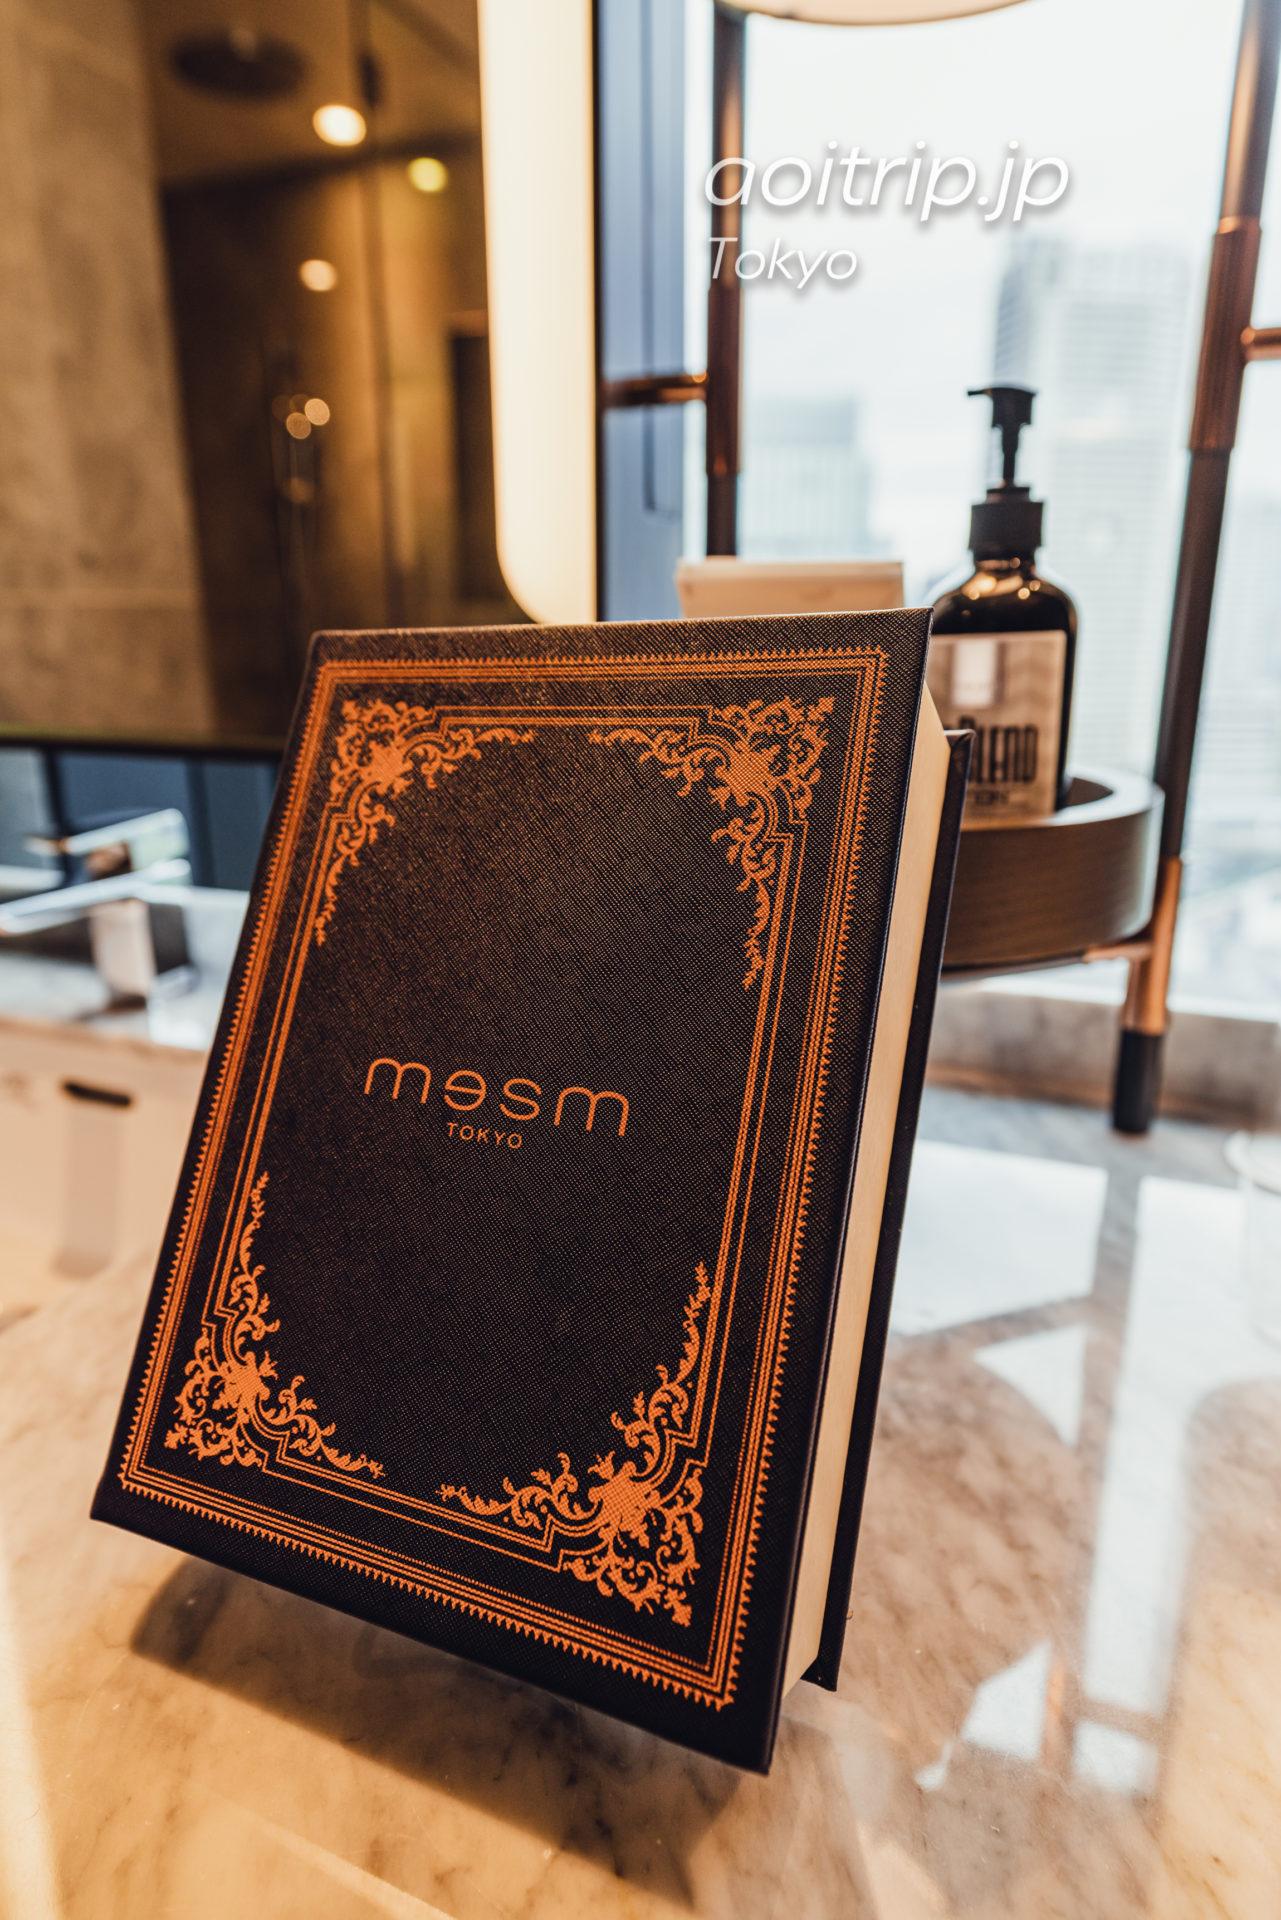 メズム東京 オートグラフコレクション mesm Tokyo, Autograph Collection スイート客室のアメニティ